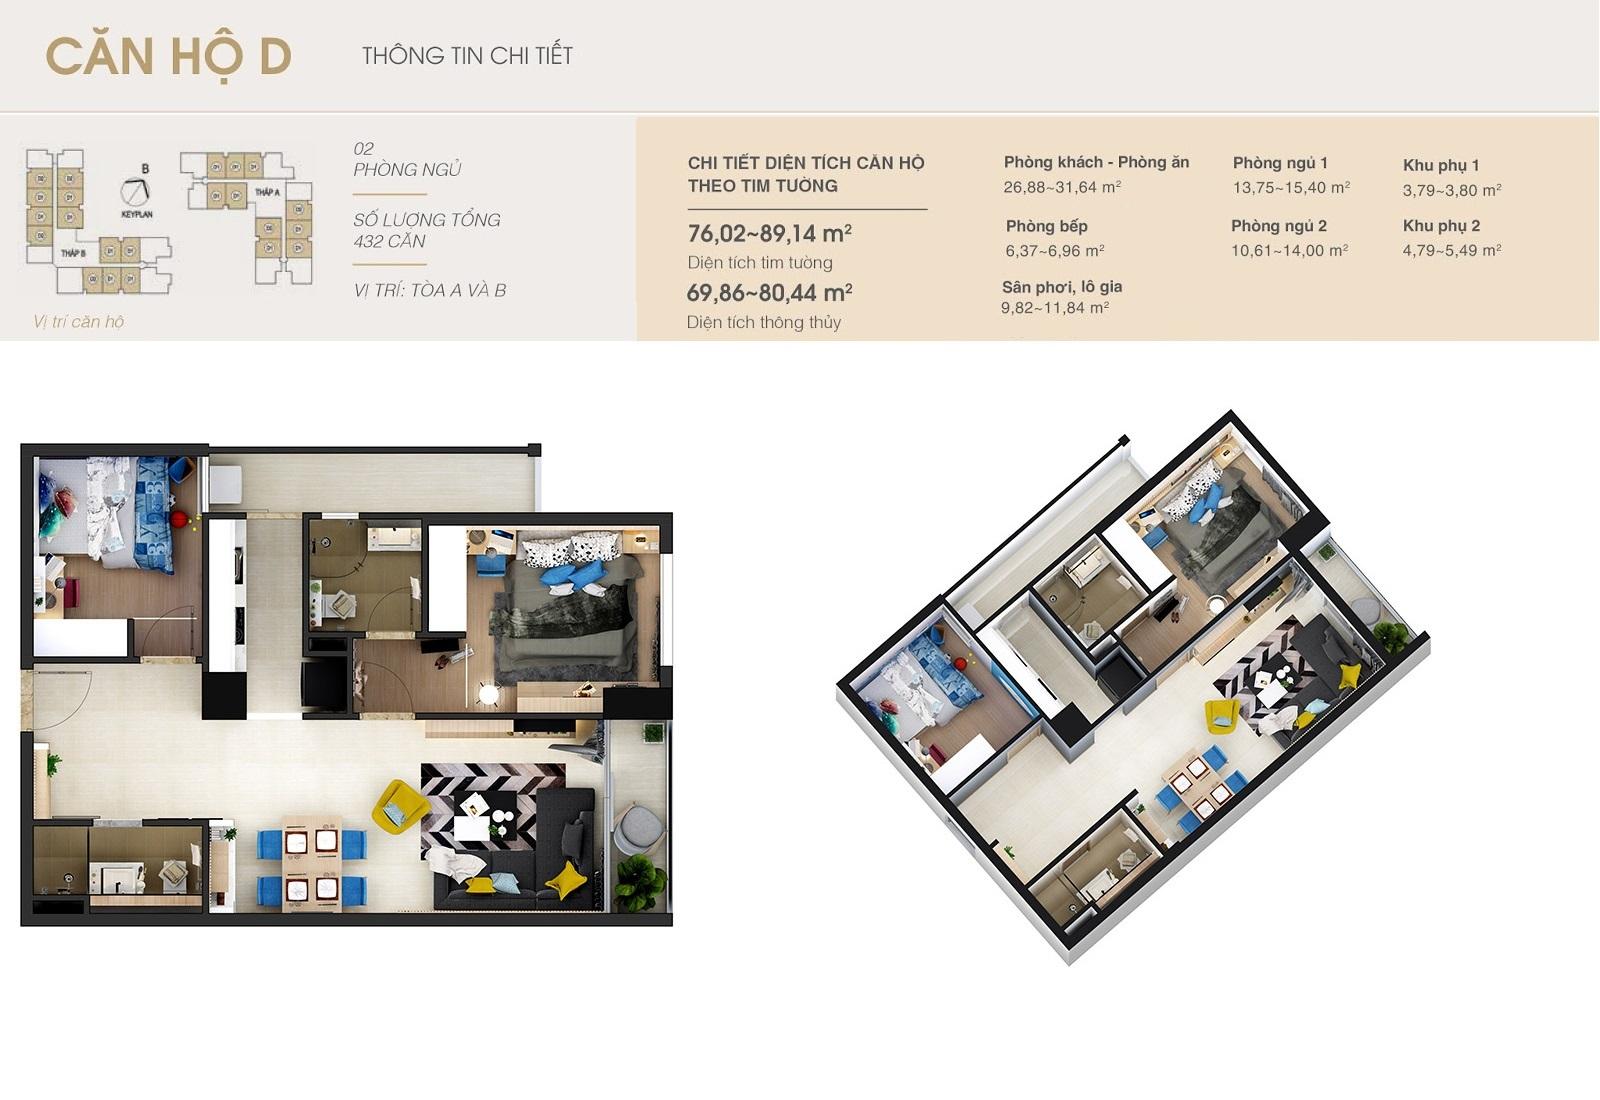 Thiết kế căn hộ D Dlc complex nguyễn tuân